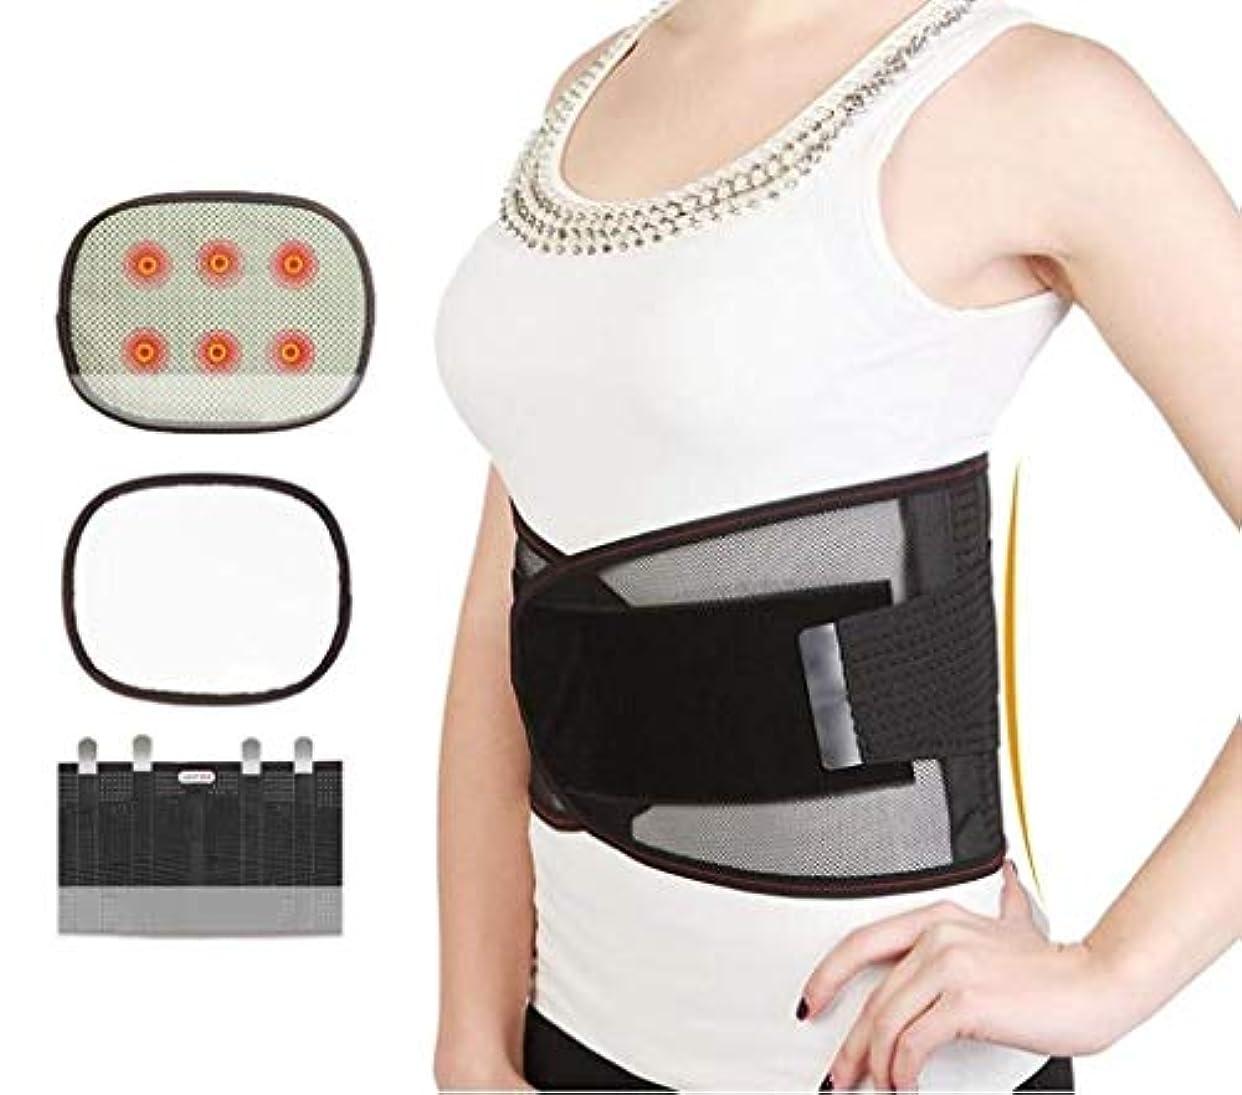 内陸ファーザーファージュ作り調節可能なウエストバンド、通気性支持ベルト、スポーツ/仕事/フィットネスに適した痛みを軽減してけが防止のためのユニセックス磁気治療腰椎ウエストベルトブレース